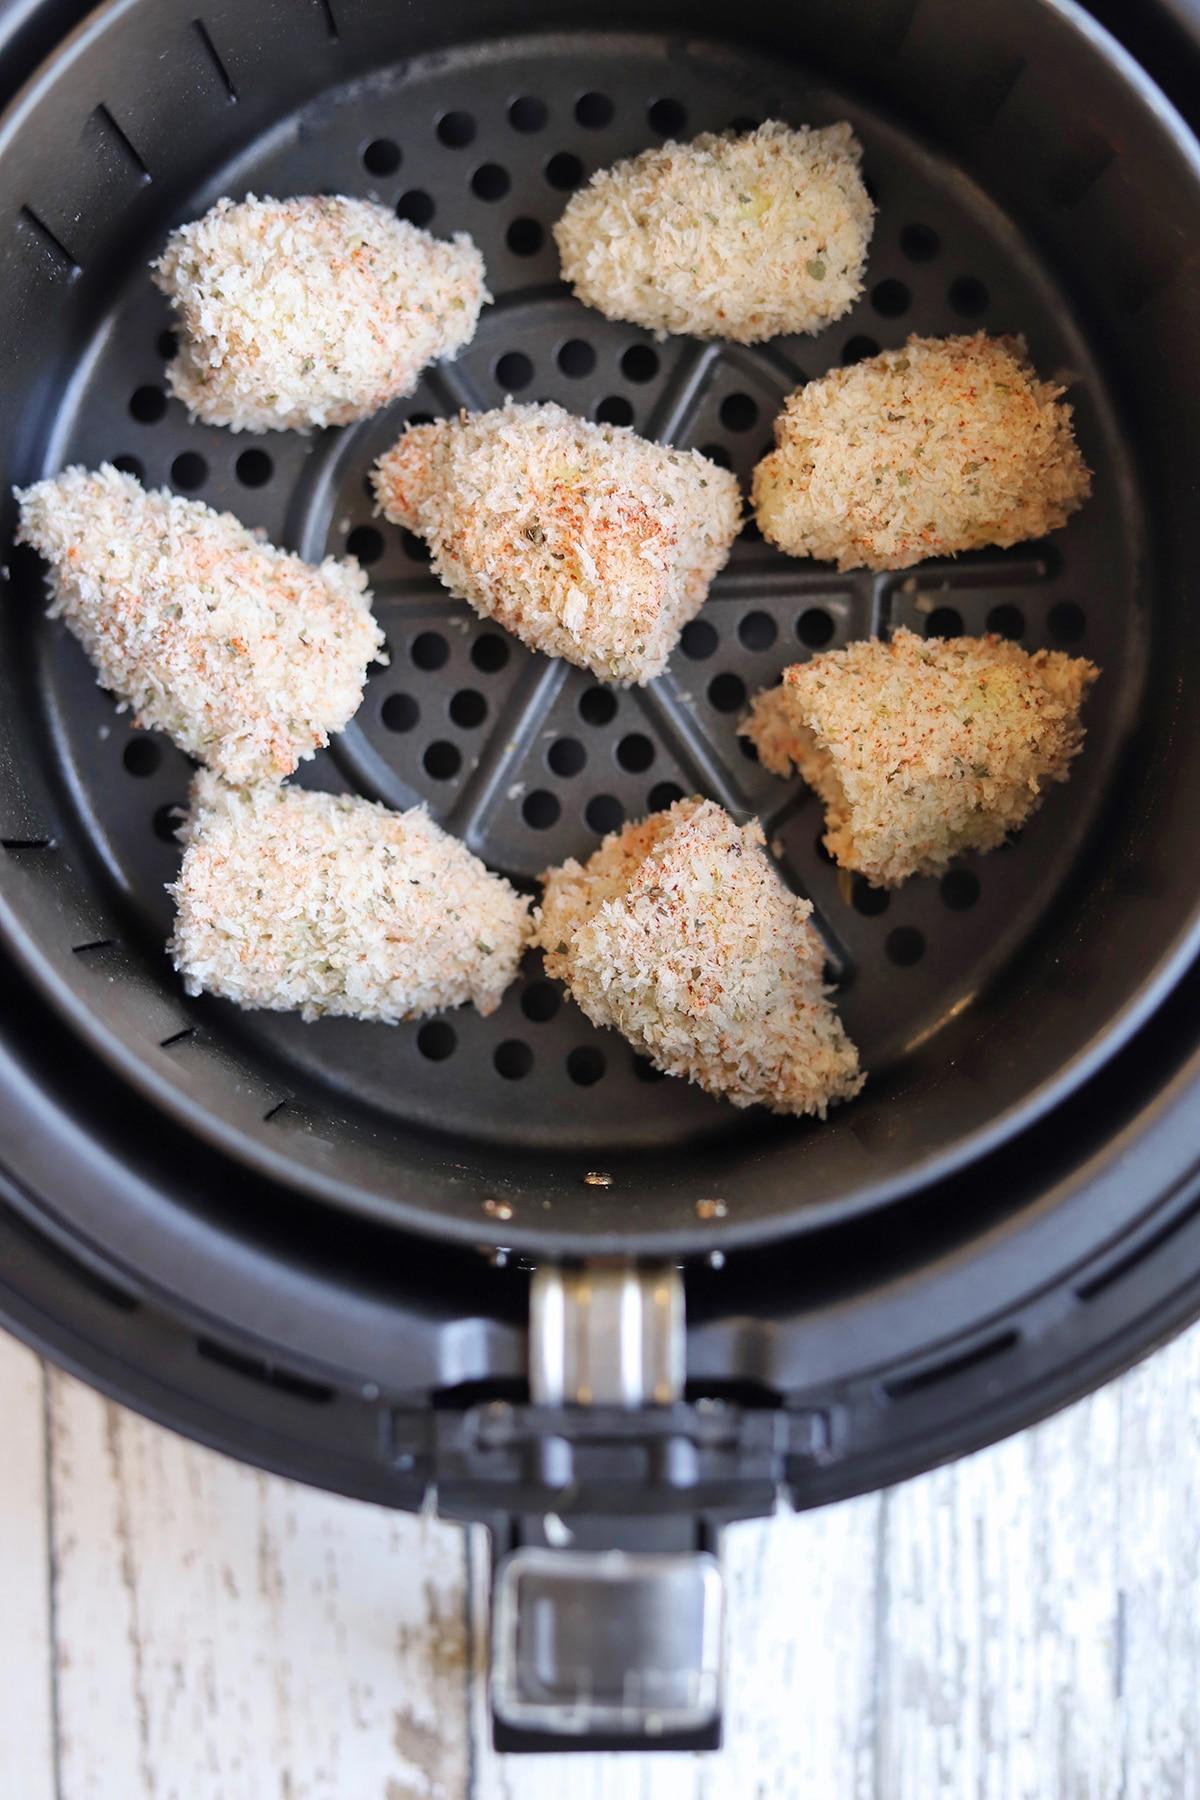 Breaded artichoke hearts in air fryer basket.